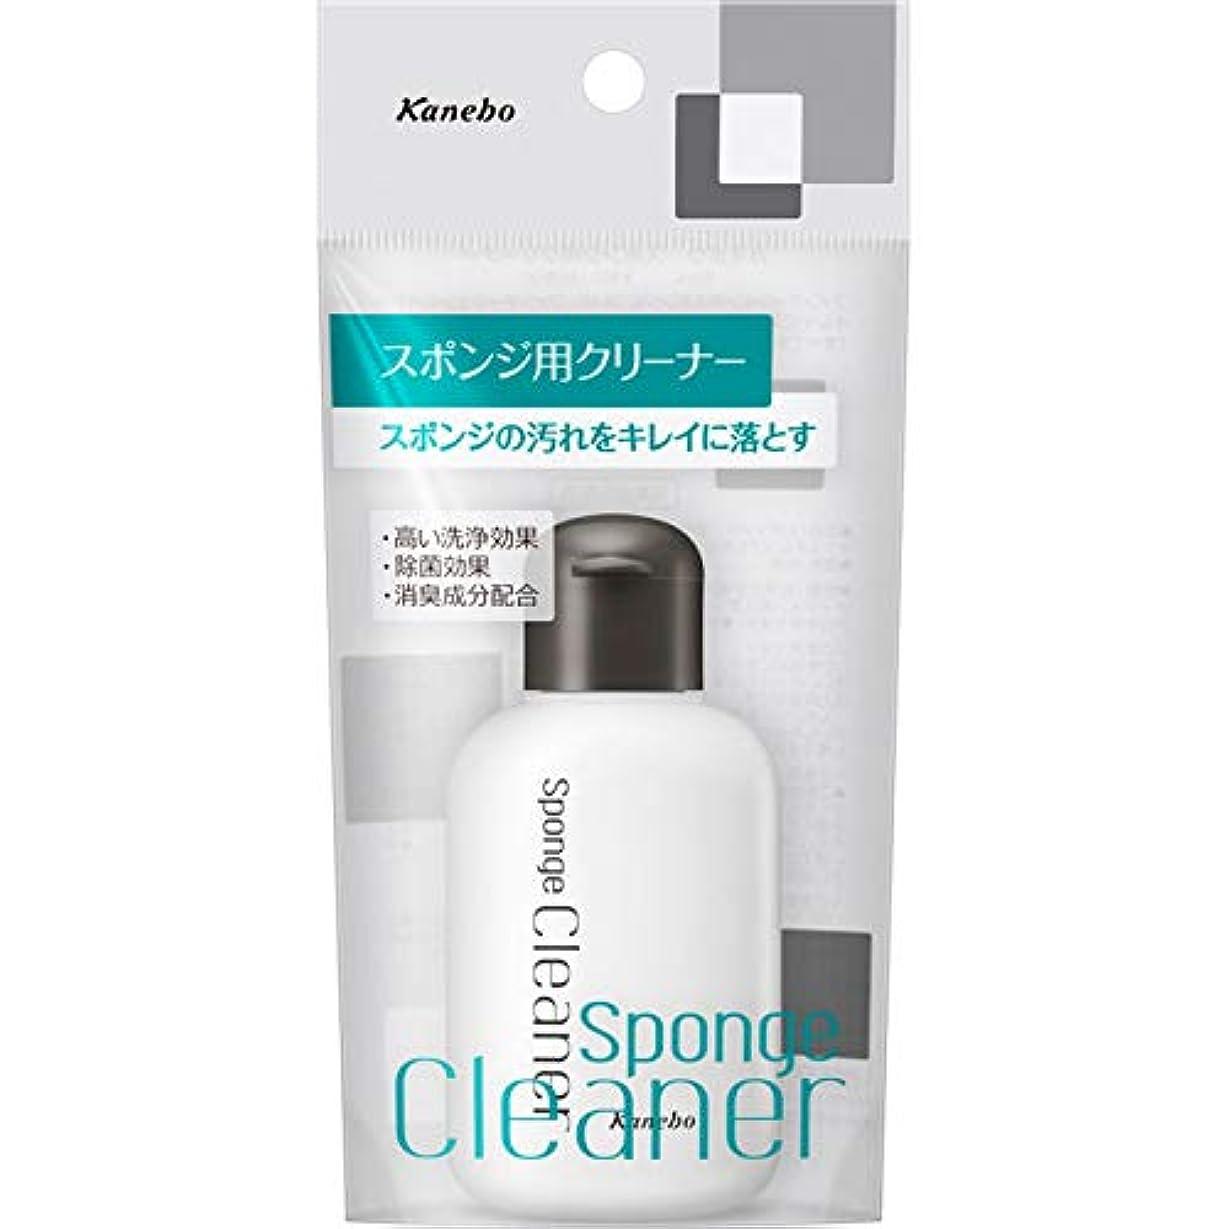 デイジーヒゲ恋人カネボウ化粧品 スポンジ用クリーナー 55ml